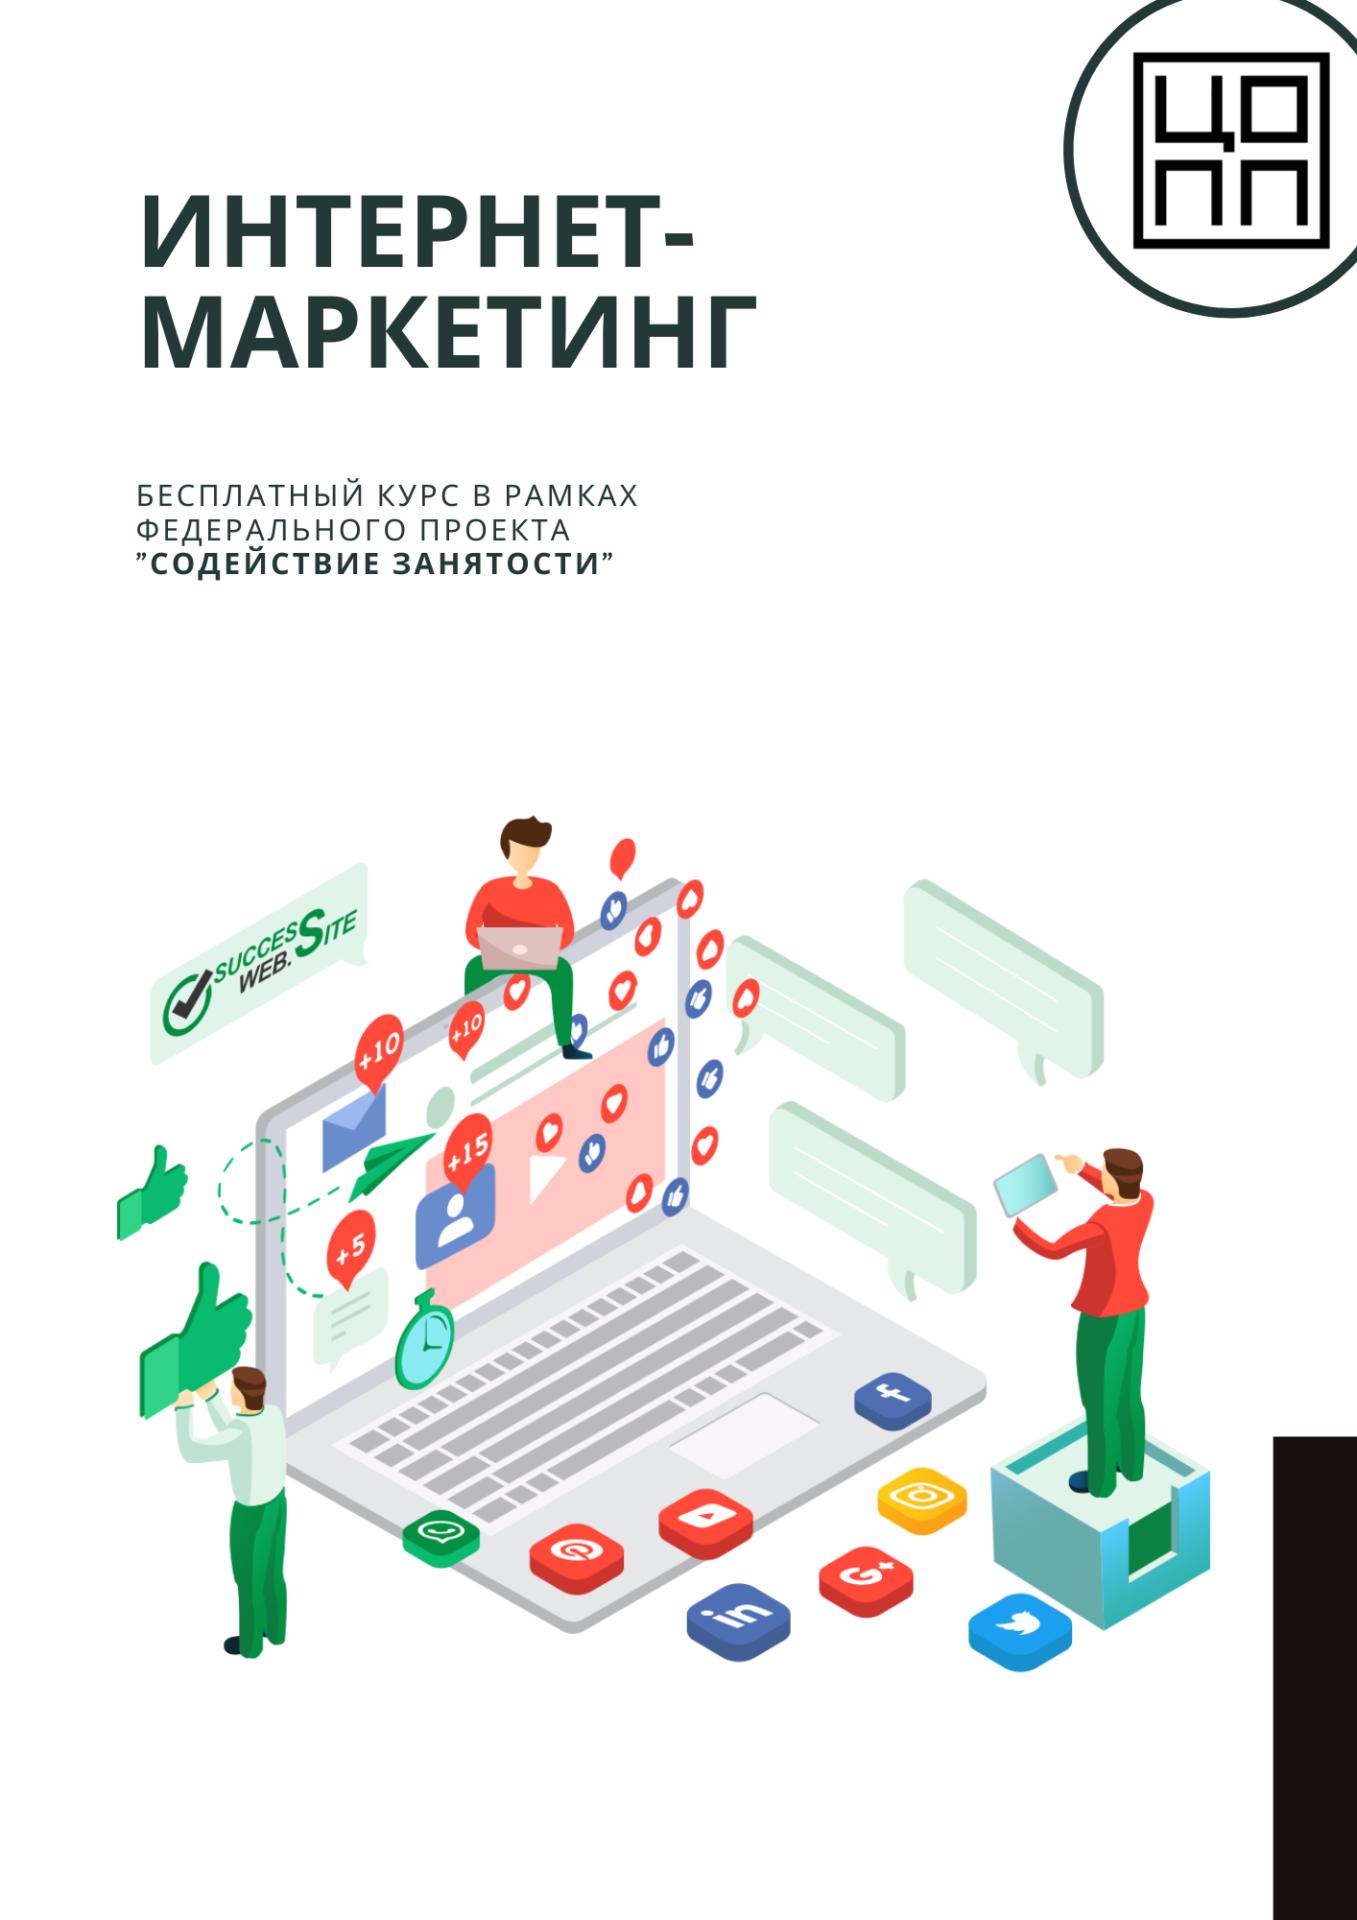 ЦОПП Якутии приглашает освоить востребованную профессию  интернет-маркетолога бесплатно